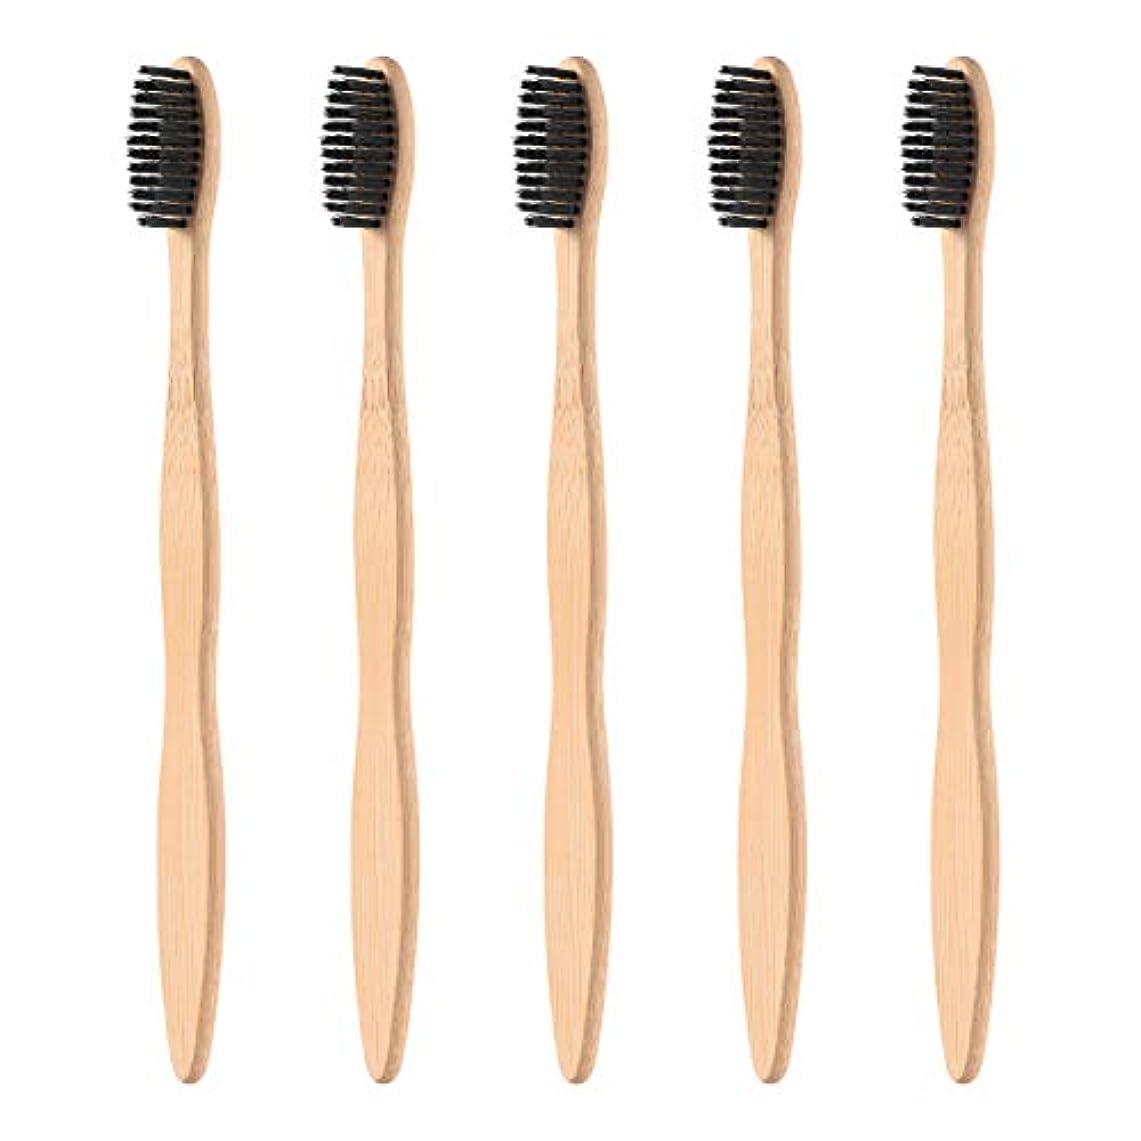 ソーセージ信者偏心SUPVOX 5本の天然竹製の歯ブラシ木製エコフレンドリーな歯ブラシで黒く柔らかい剛毛